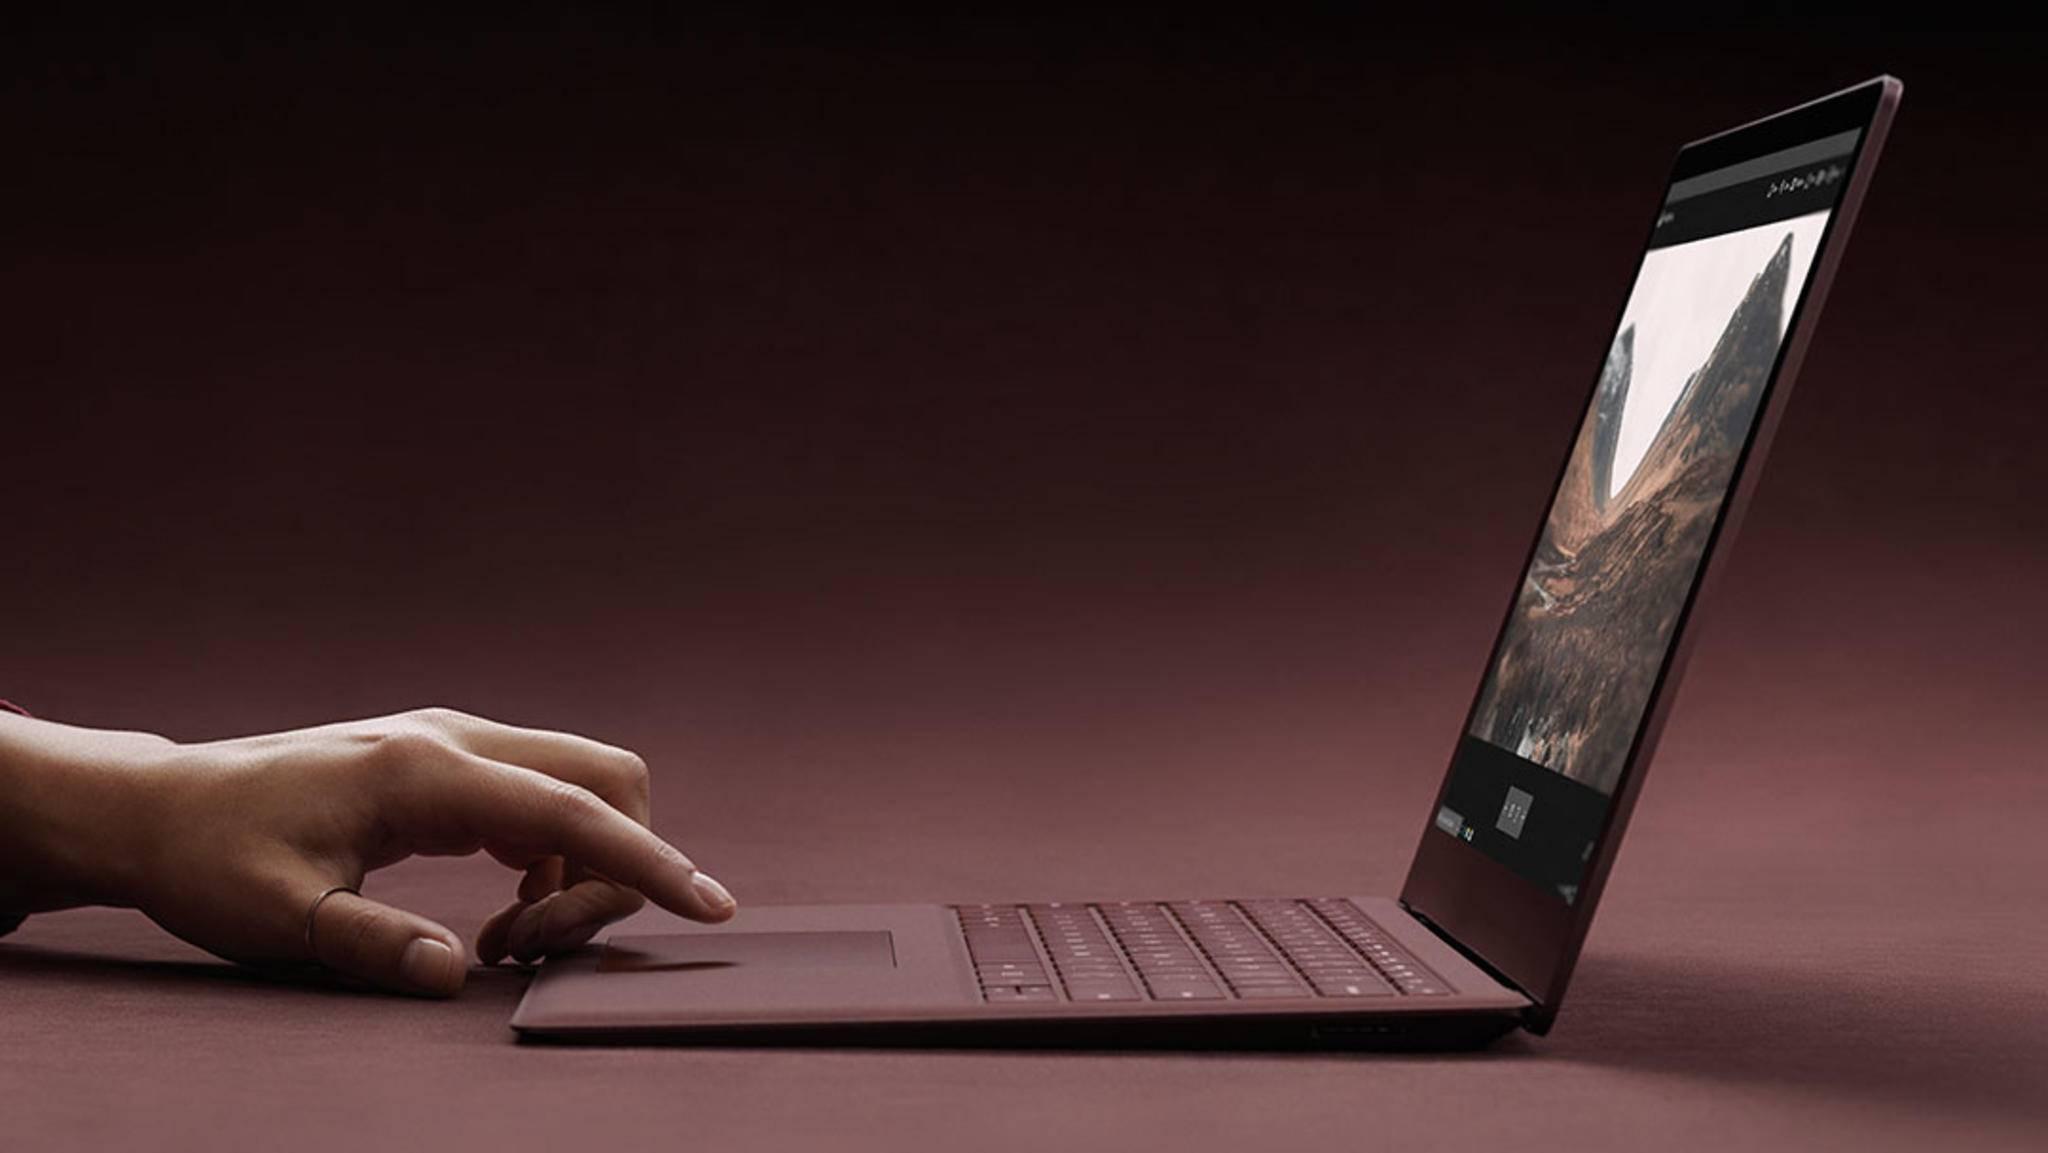 Der Surface Laptop ist der erste Rechner mit Windows 10 S.